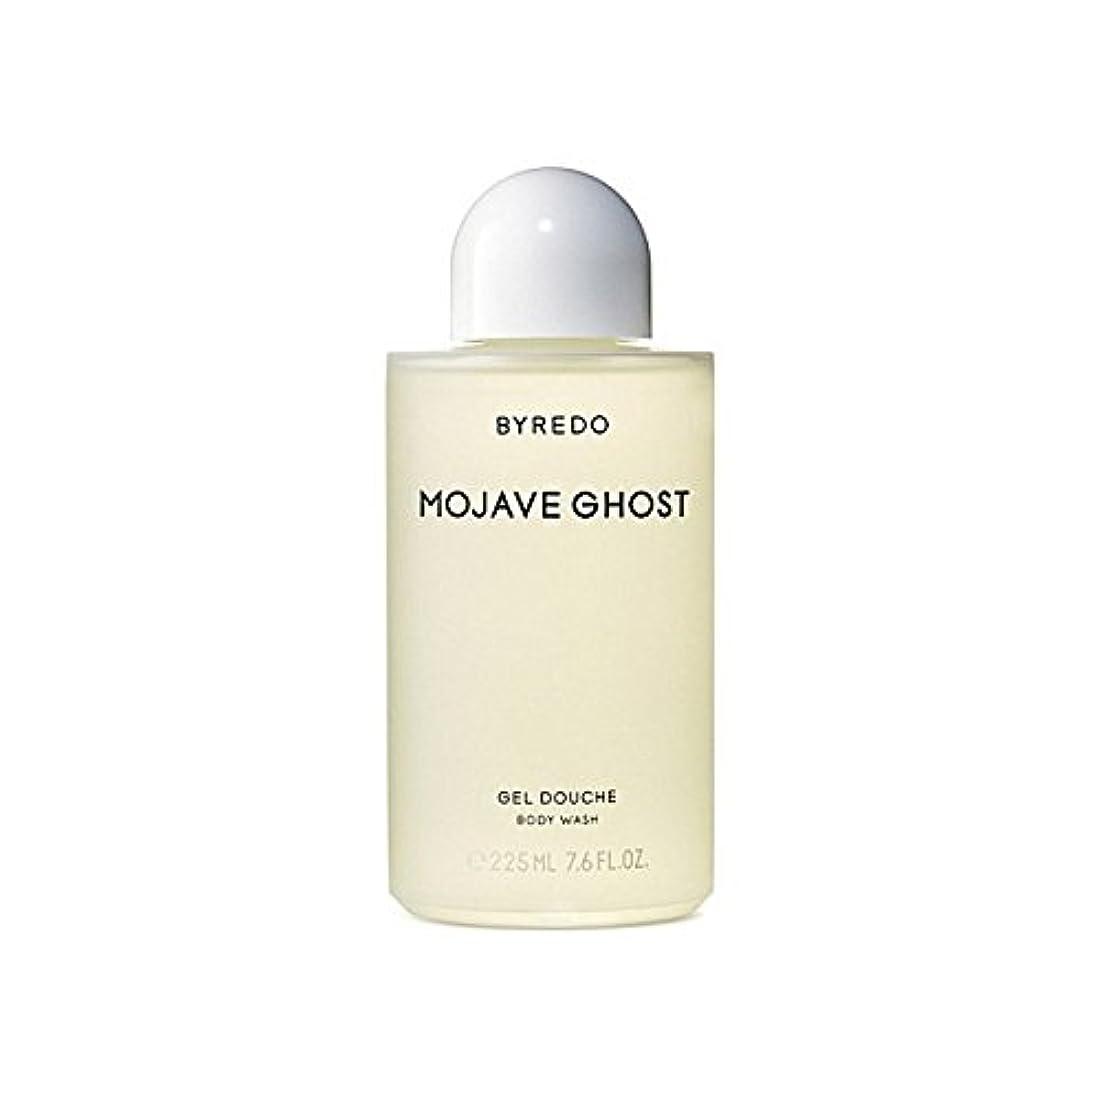 オープナー急勾配のあえてByredo Mojave Ghost Body Wash 225ml - モハーベゴーストボディウォッシュ225ミリリットル [並行輸入品]